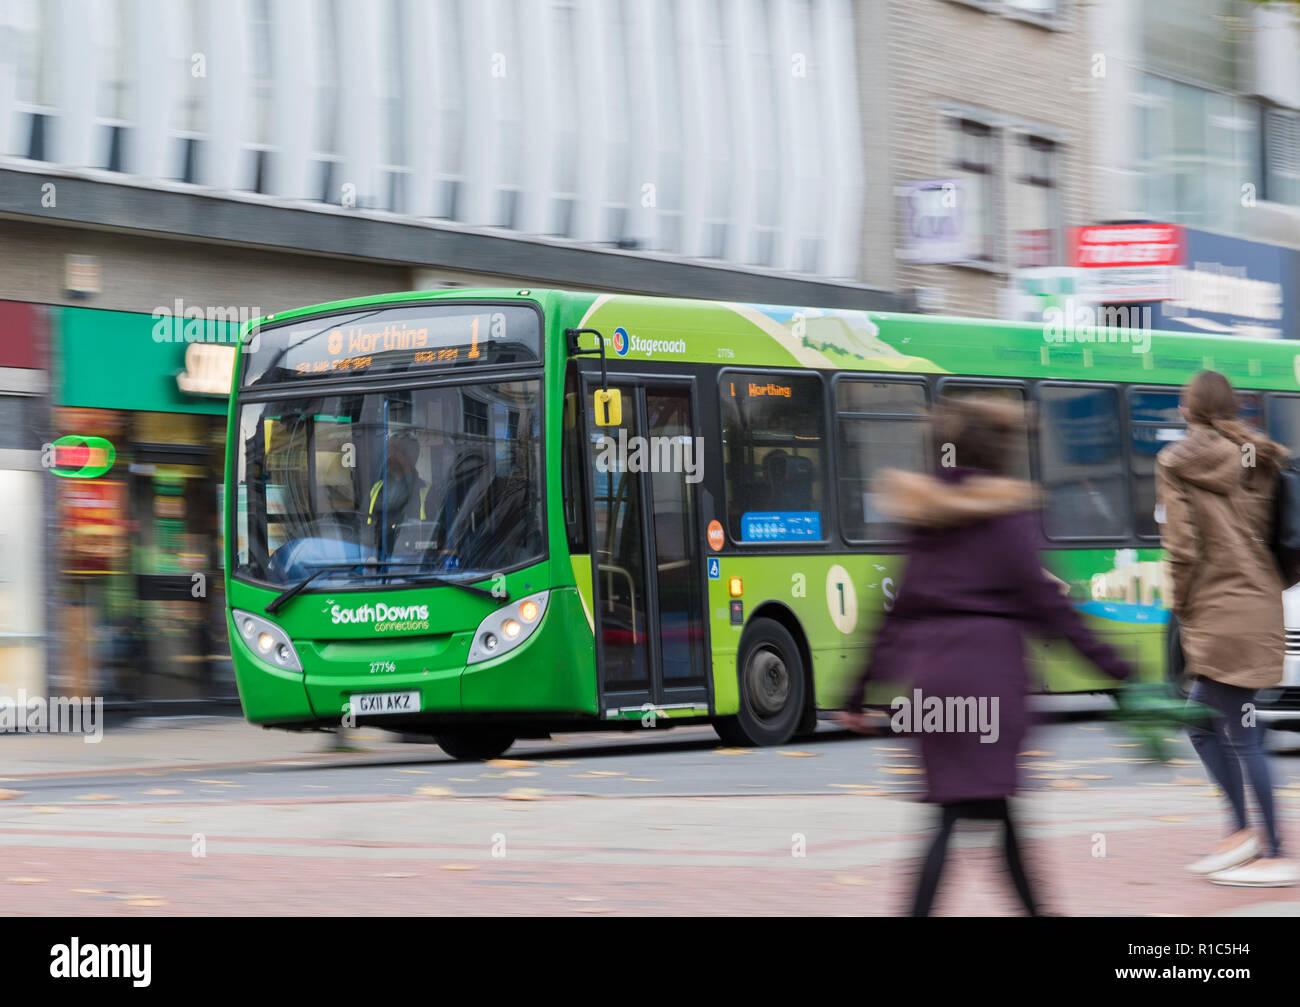 Stagecoach South Downs verde Collegamenti autobus numero 1 con motion blur in un affollato high street a Worthing West Sussex, in Inghilterra, Regno Unito. Concetto di viaggio. Immagini Stock